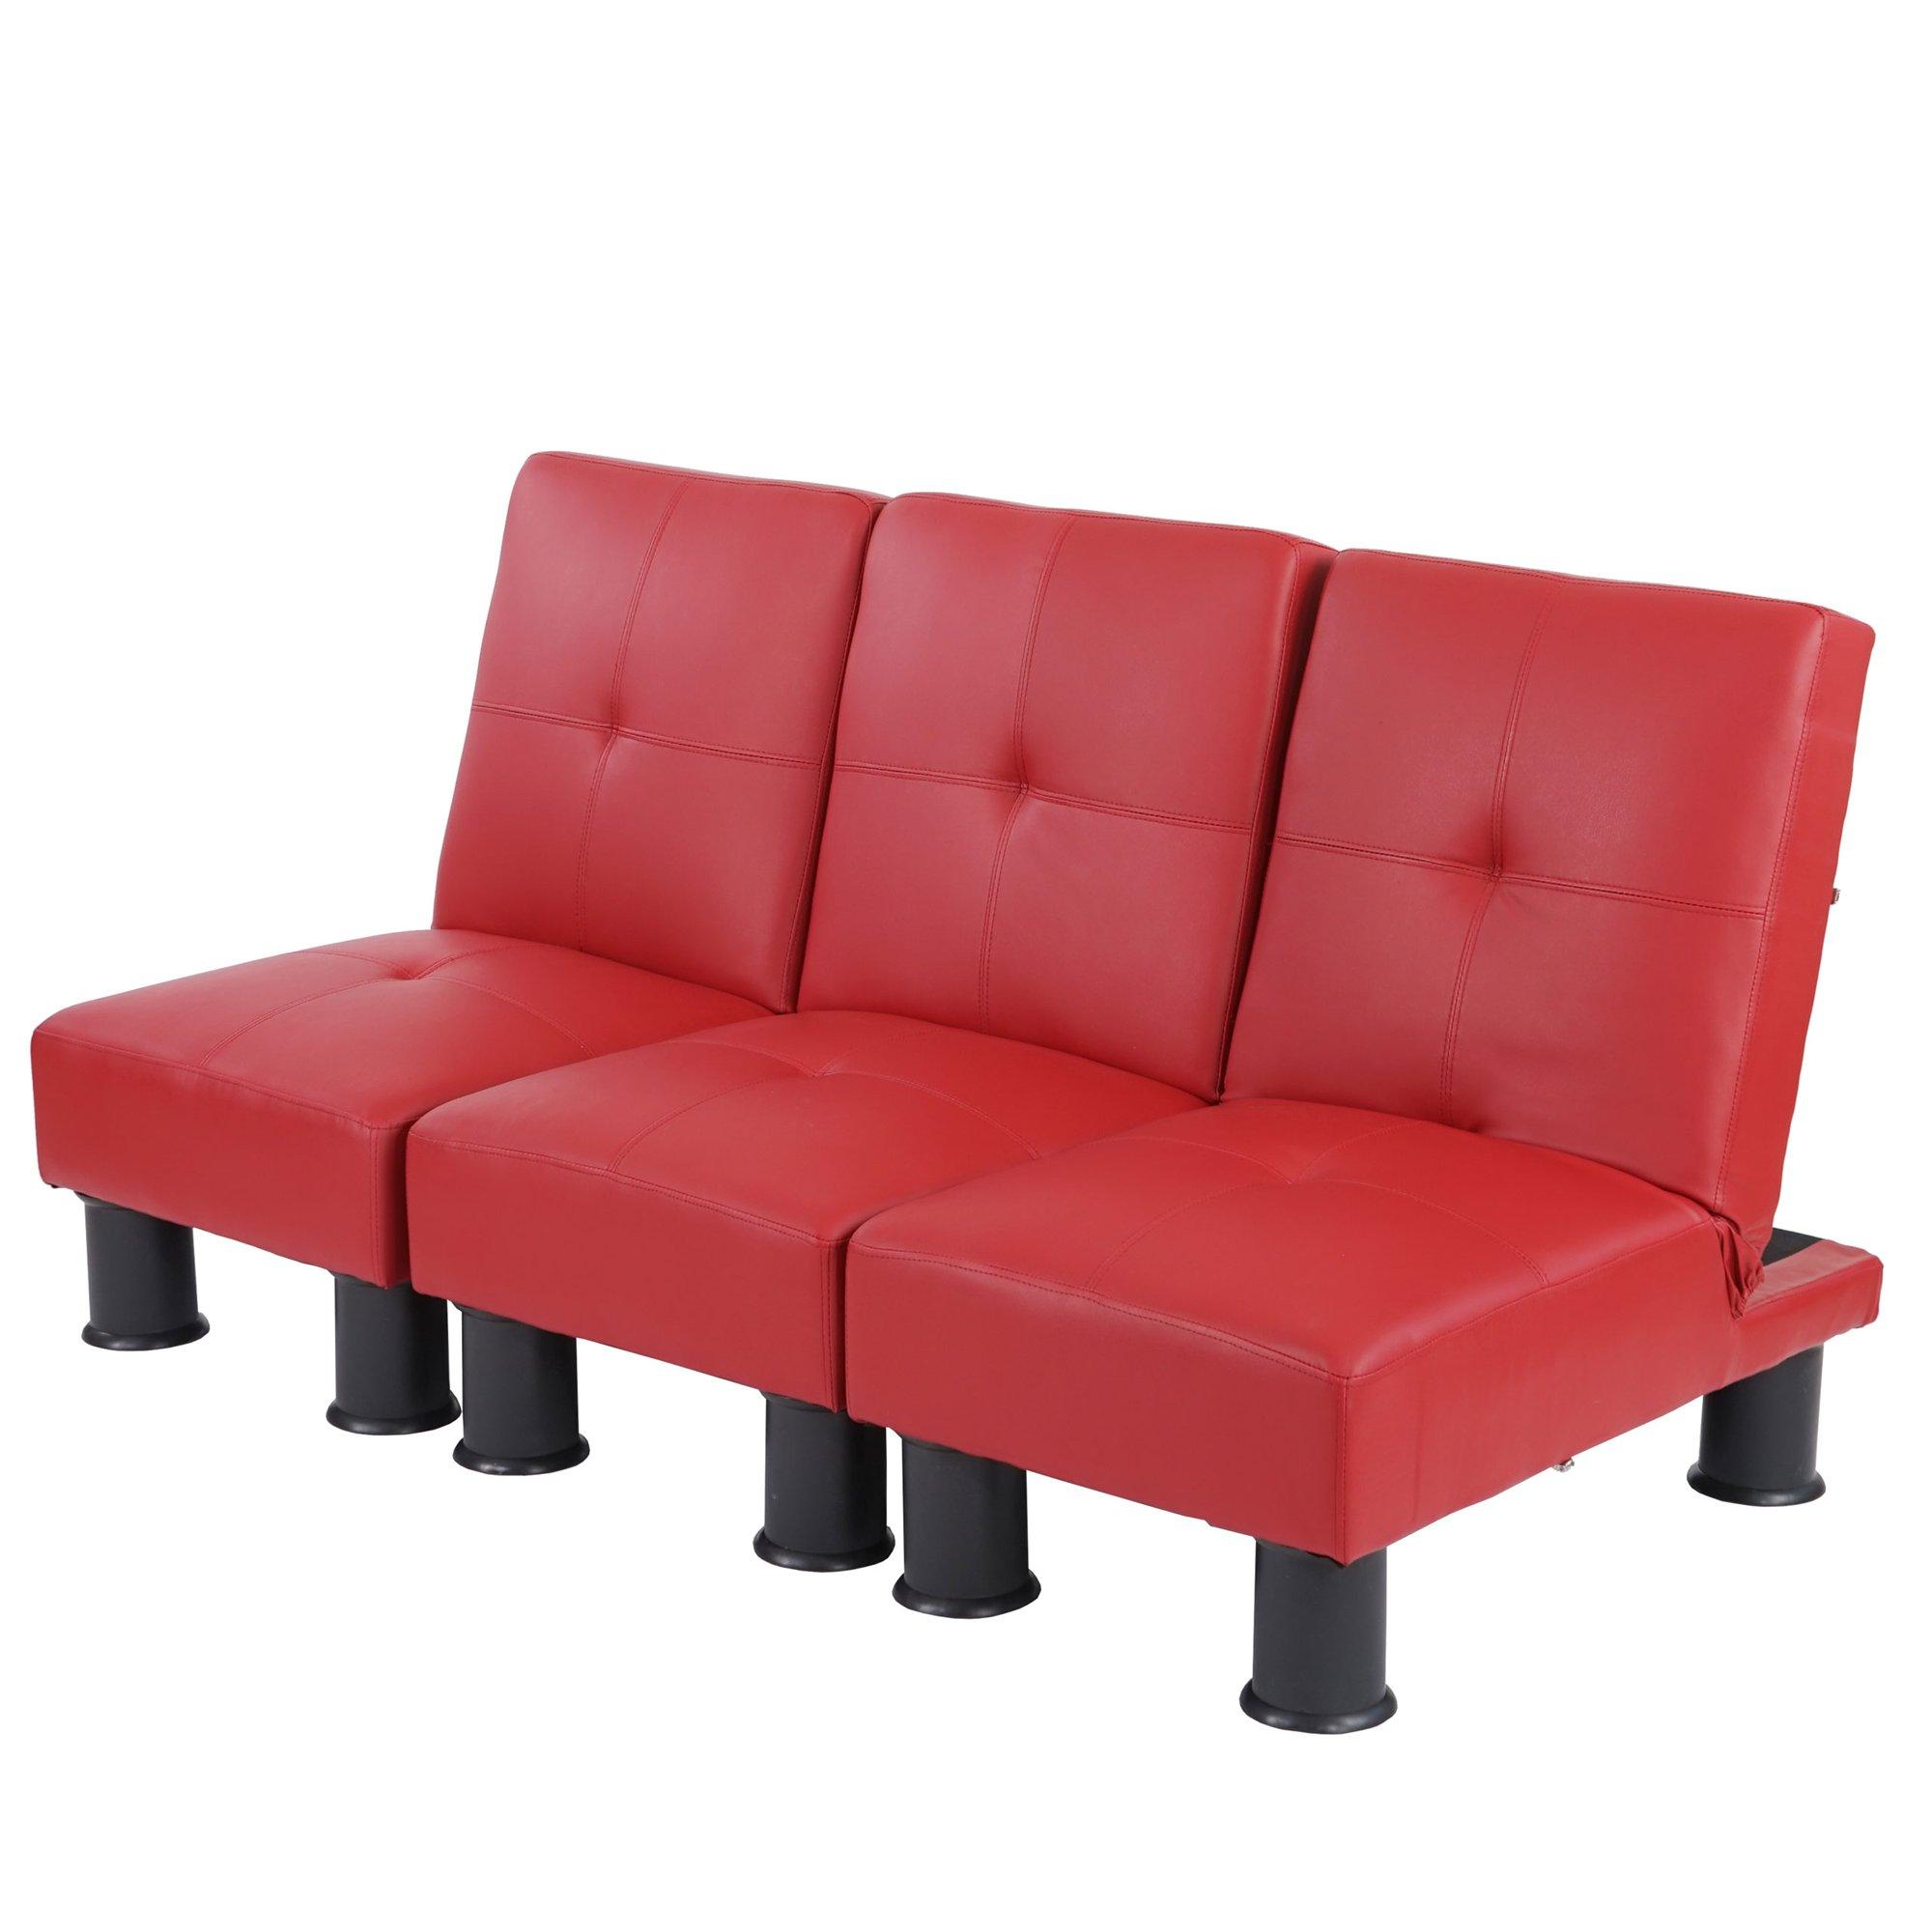 Lote 3 modulos sofa cama melbourne ii en piel color rojo for Sofa cama modular